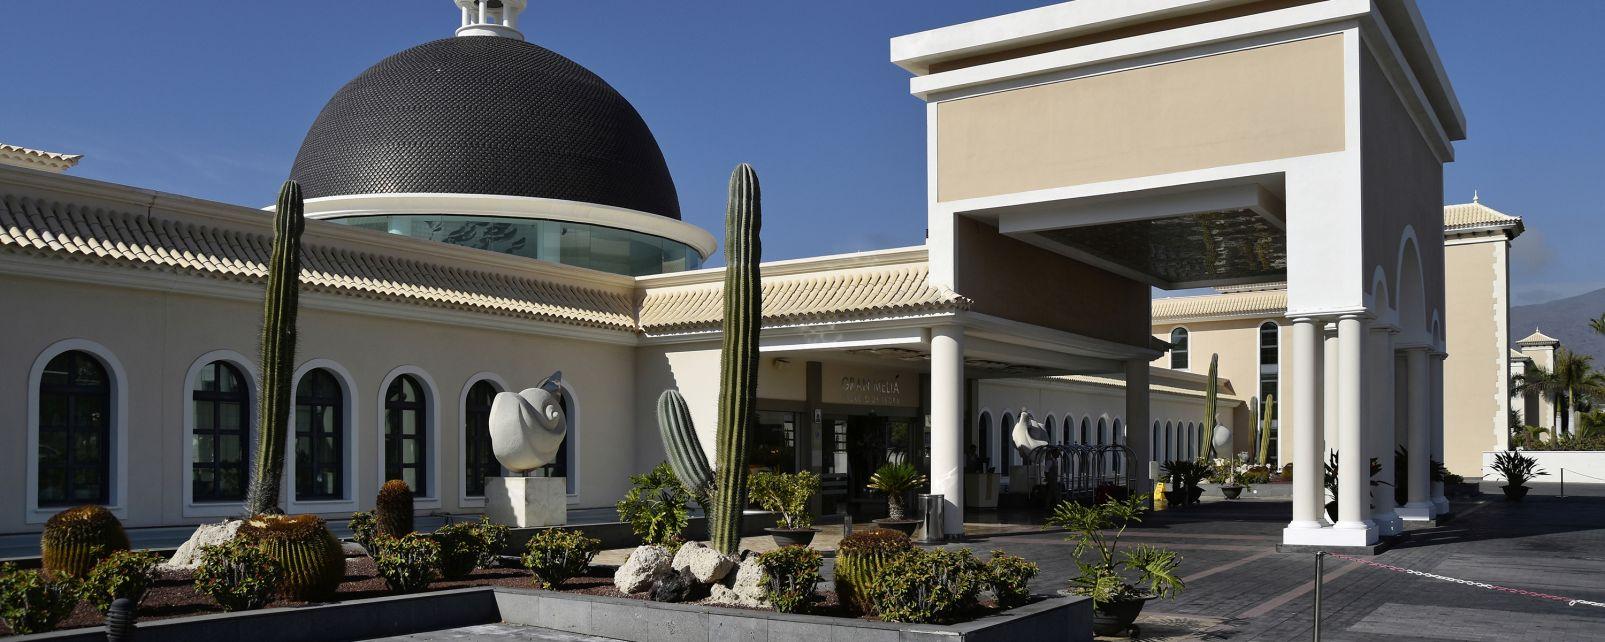 Hotel gran melia palacio de isora in gu a de isora spain - Hotel gran palacio de isora ...